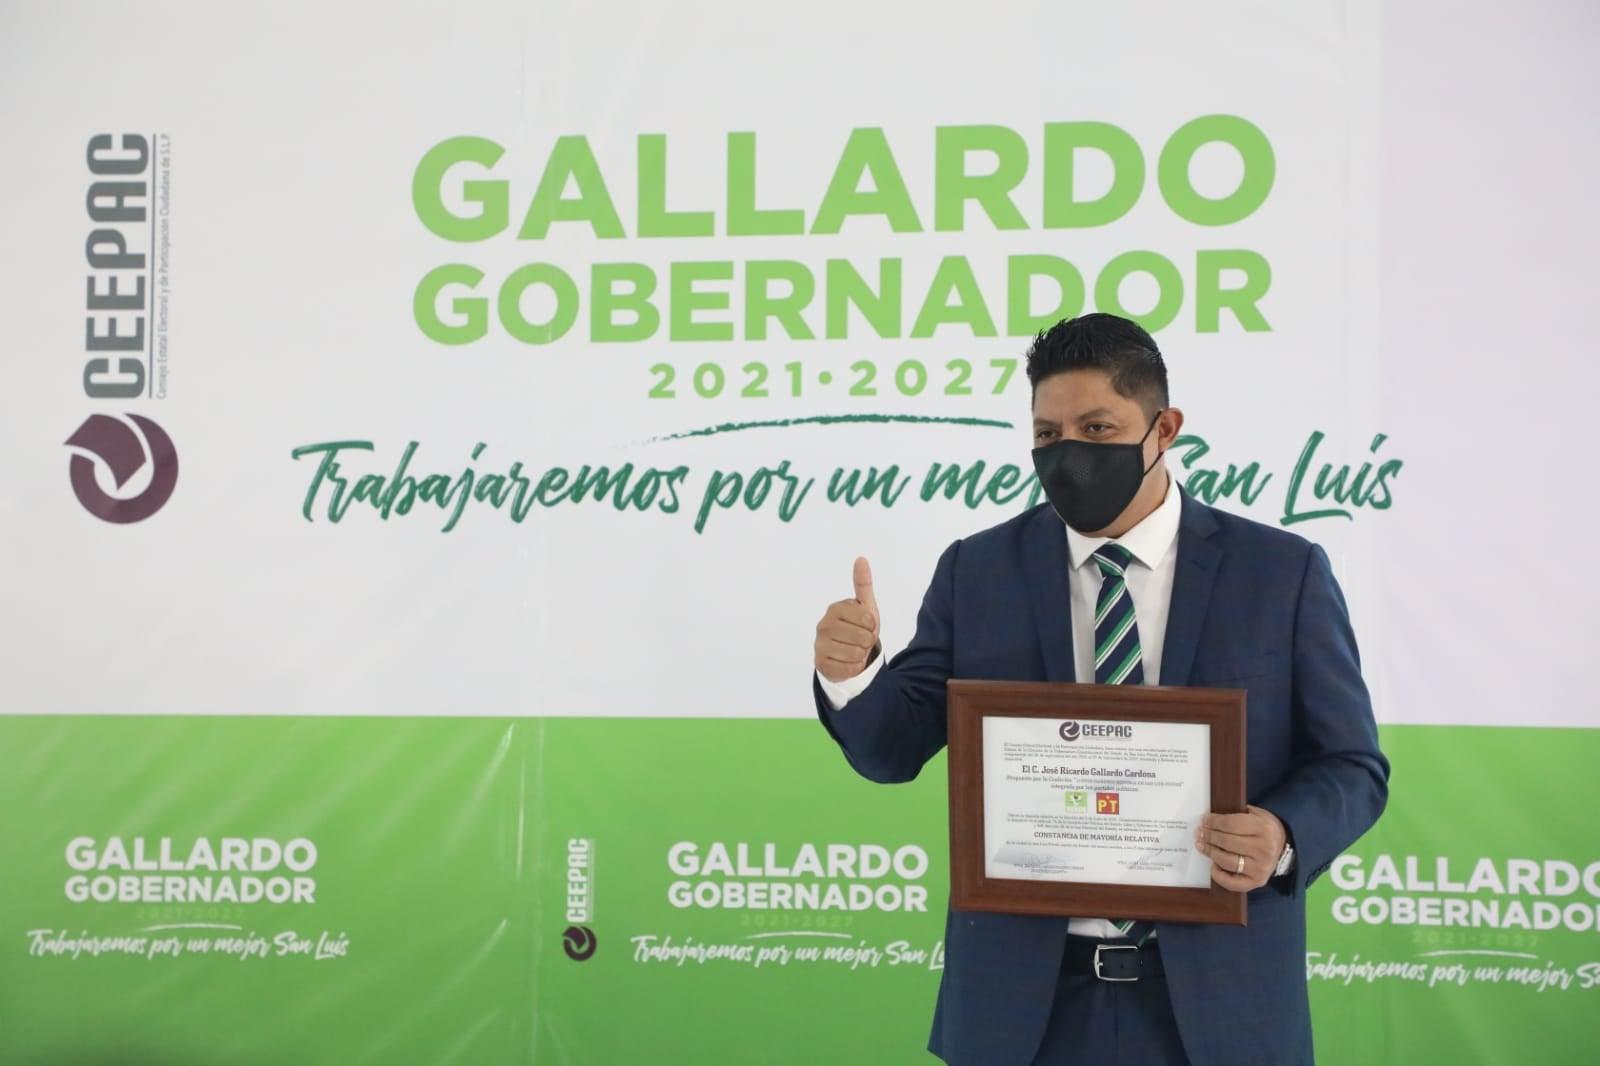 Exigen judicialización urgente de carpetas de investigación contra Gallardo